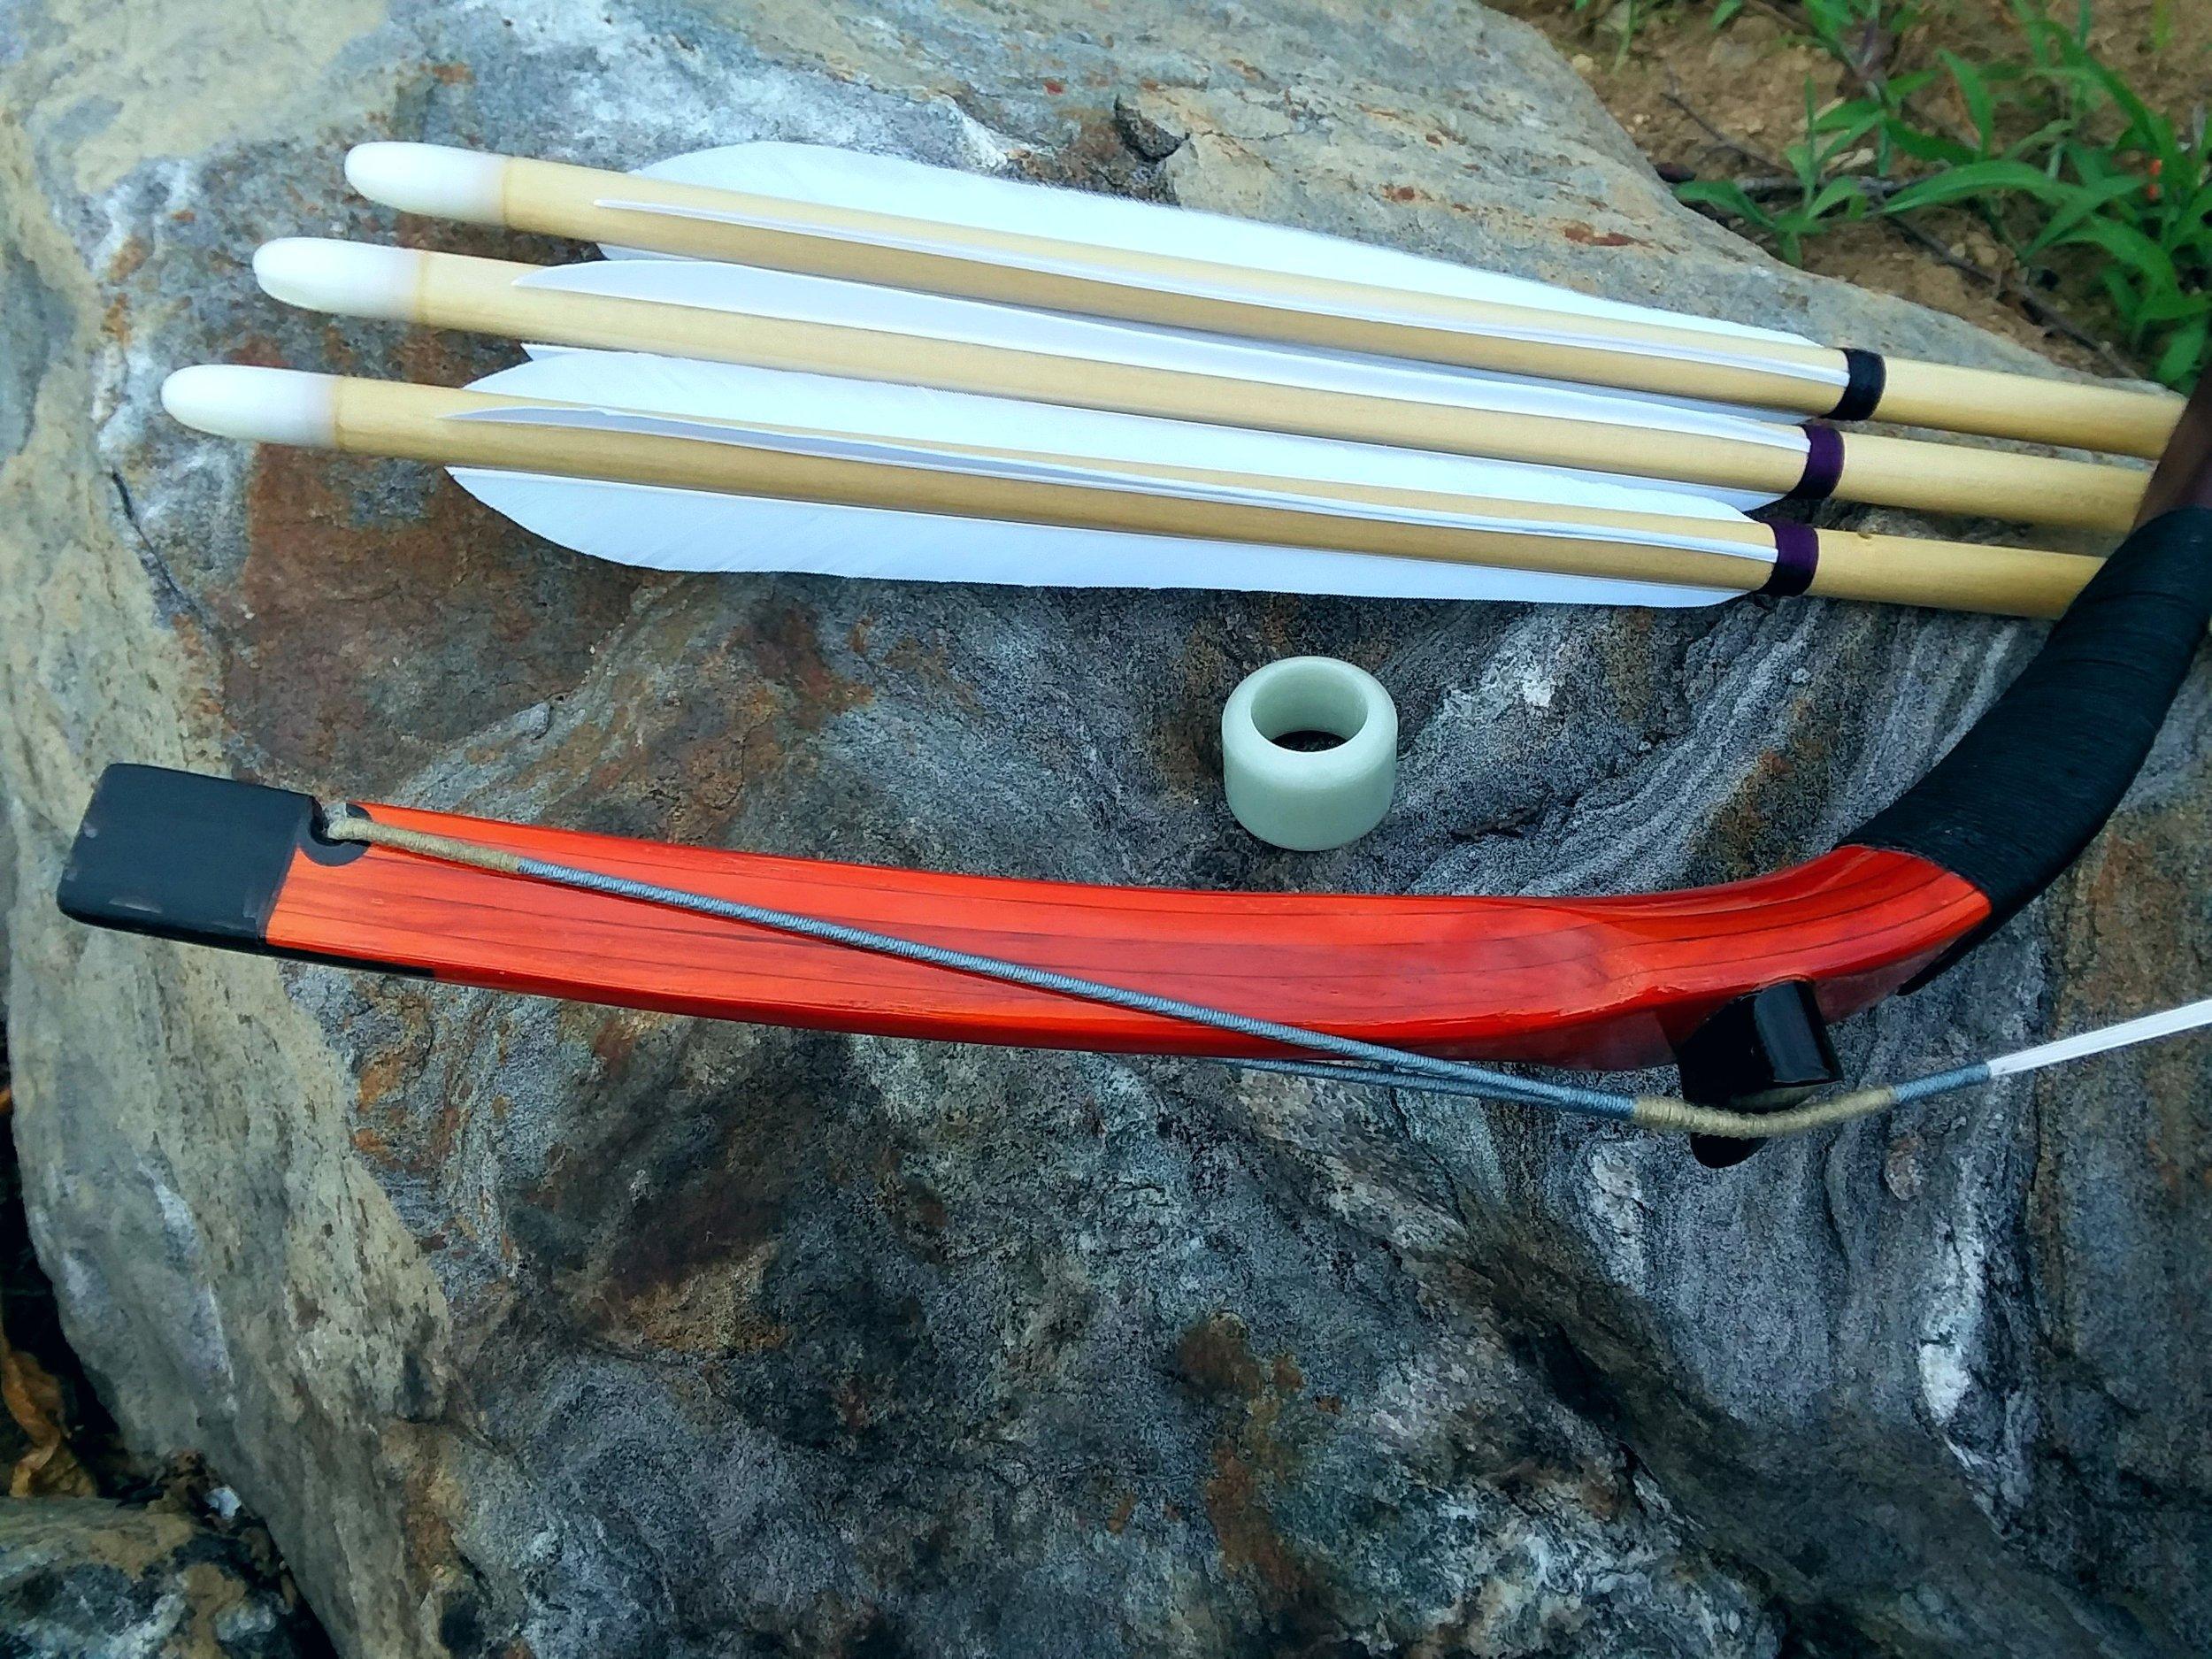 JZW Manchu Bow, Manchu Thumb Ring, Manchu arrows w/ fletching cut on Manchu jig.